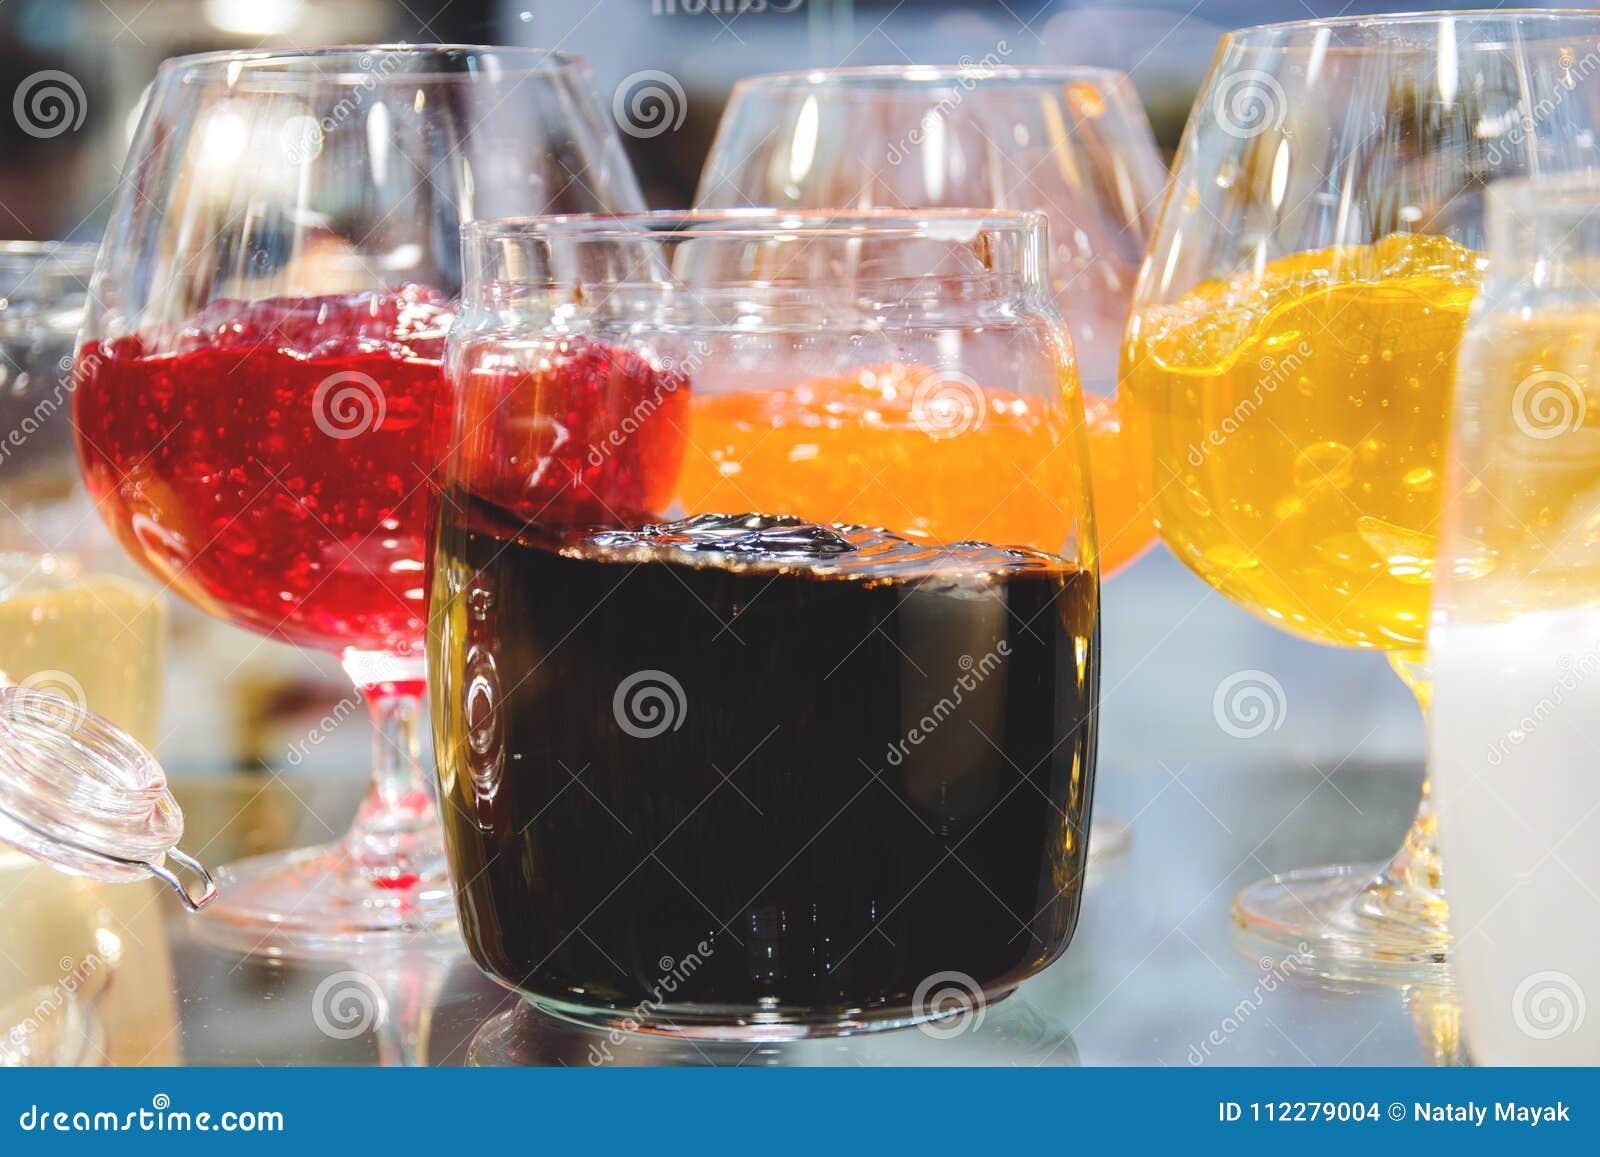 Ποικίλη μαρμελάδα στα πιάτα γυαλιού για τη δοκιμή